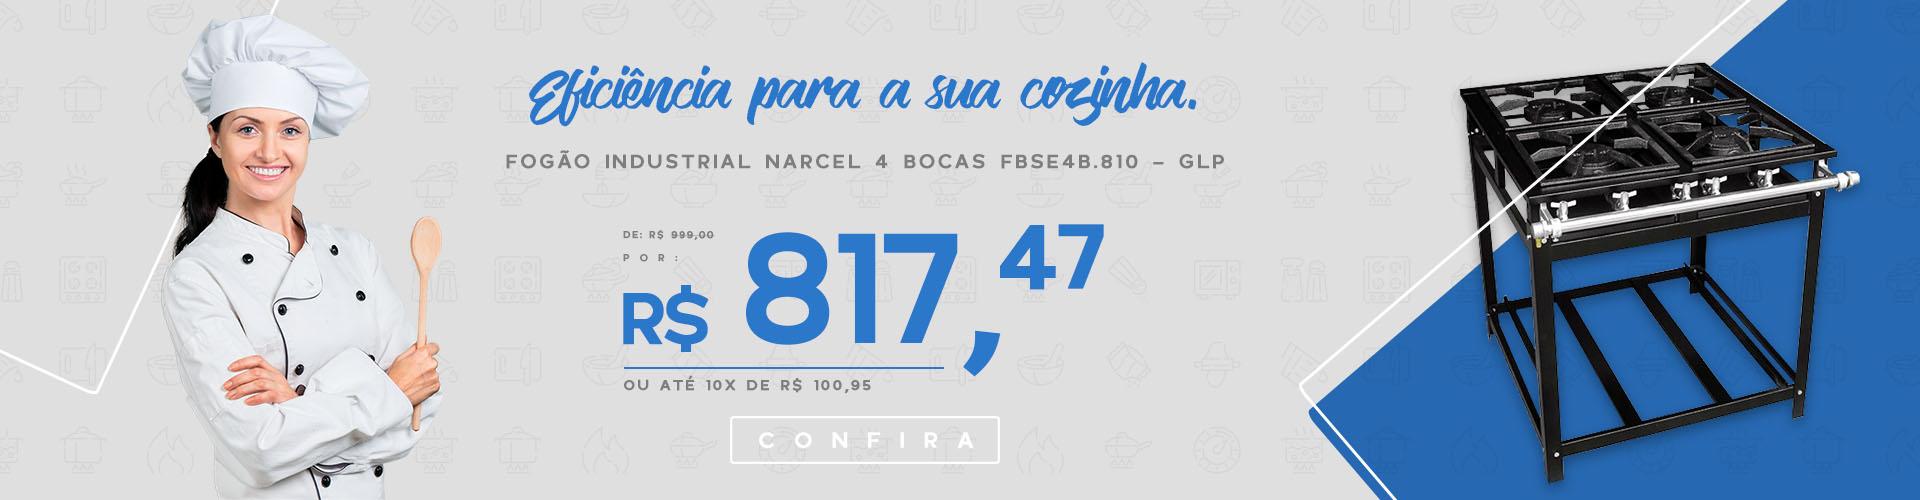 Fogão Narcel FBSE4B.810